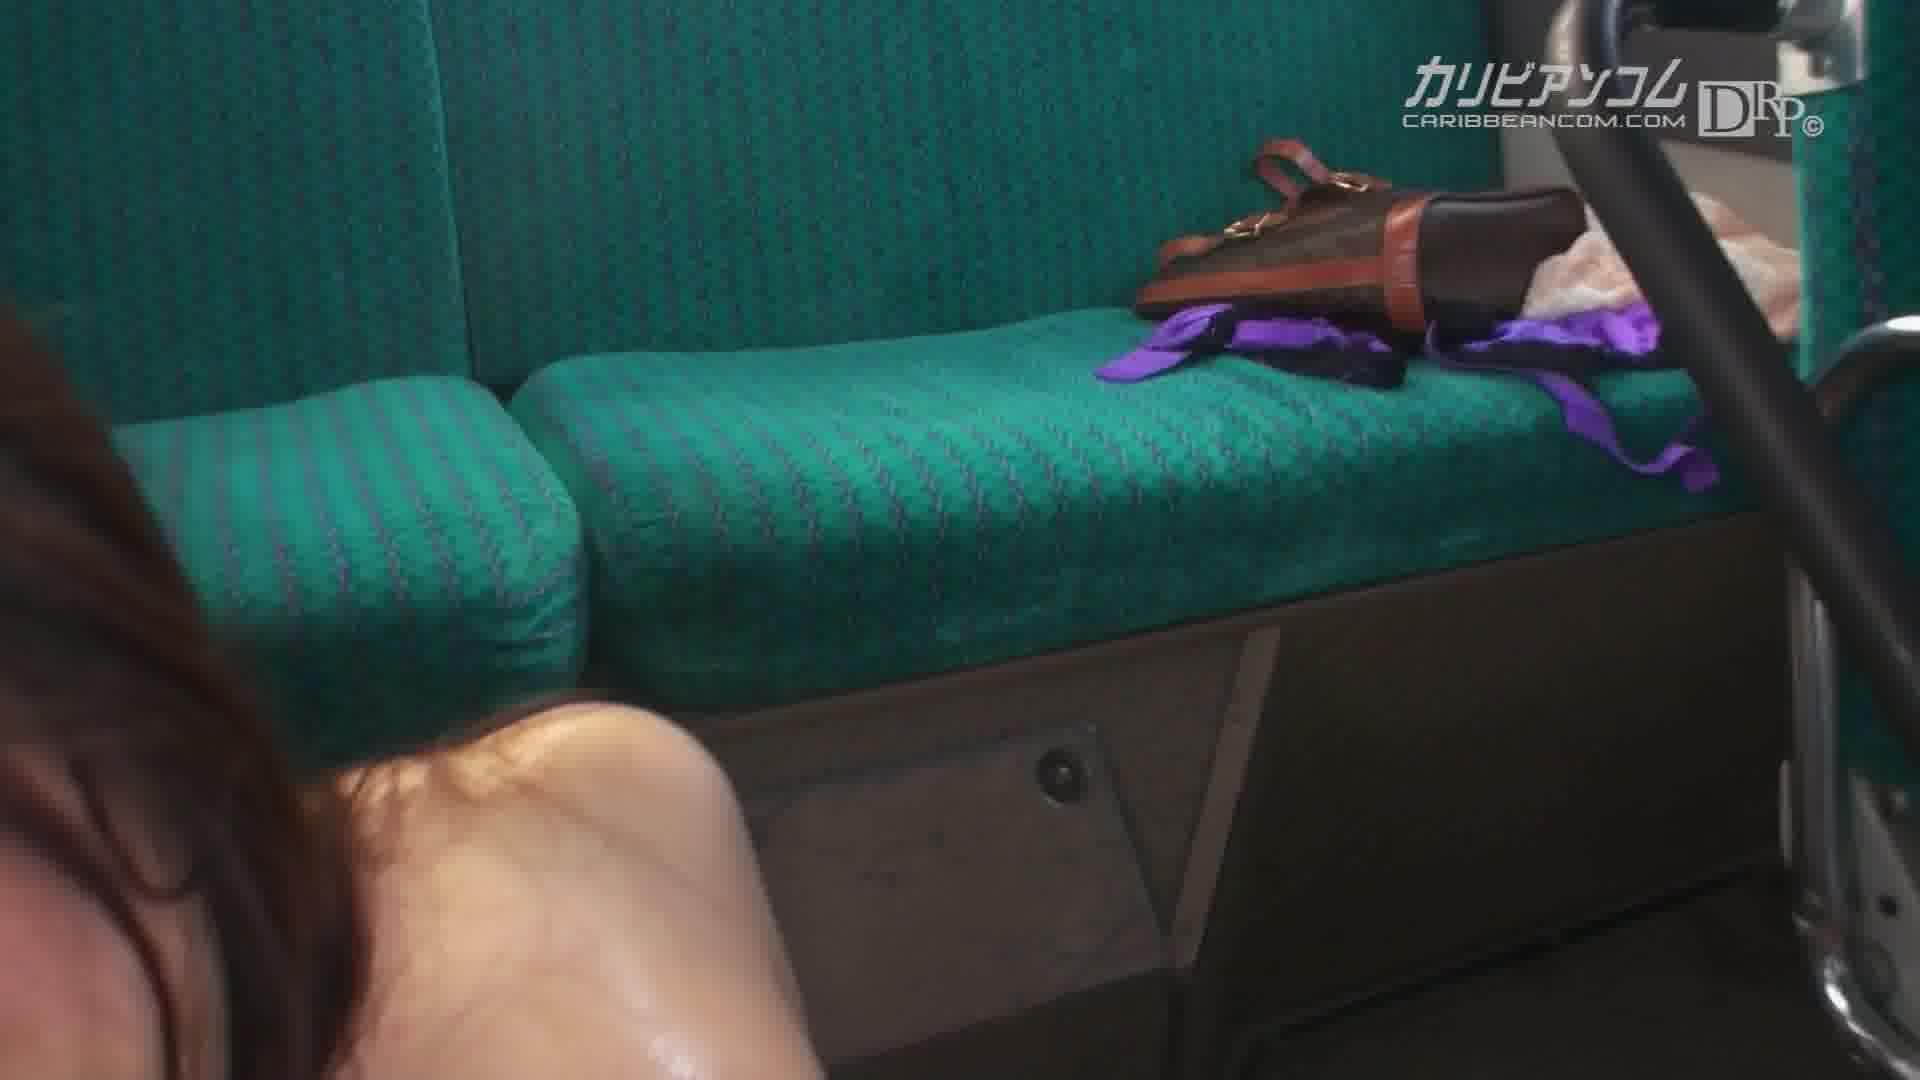 痴漢路線バス ~噂の潮吹き痴漢痴女~ - 来栖千夏【痴女・痴漢・潮吹き】